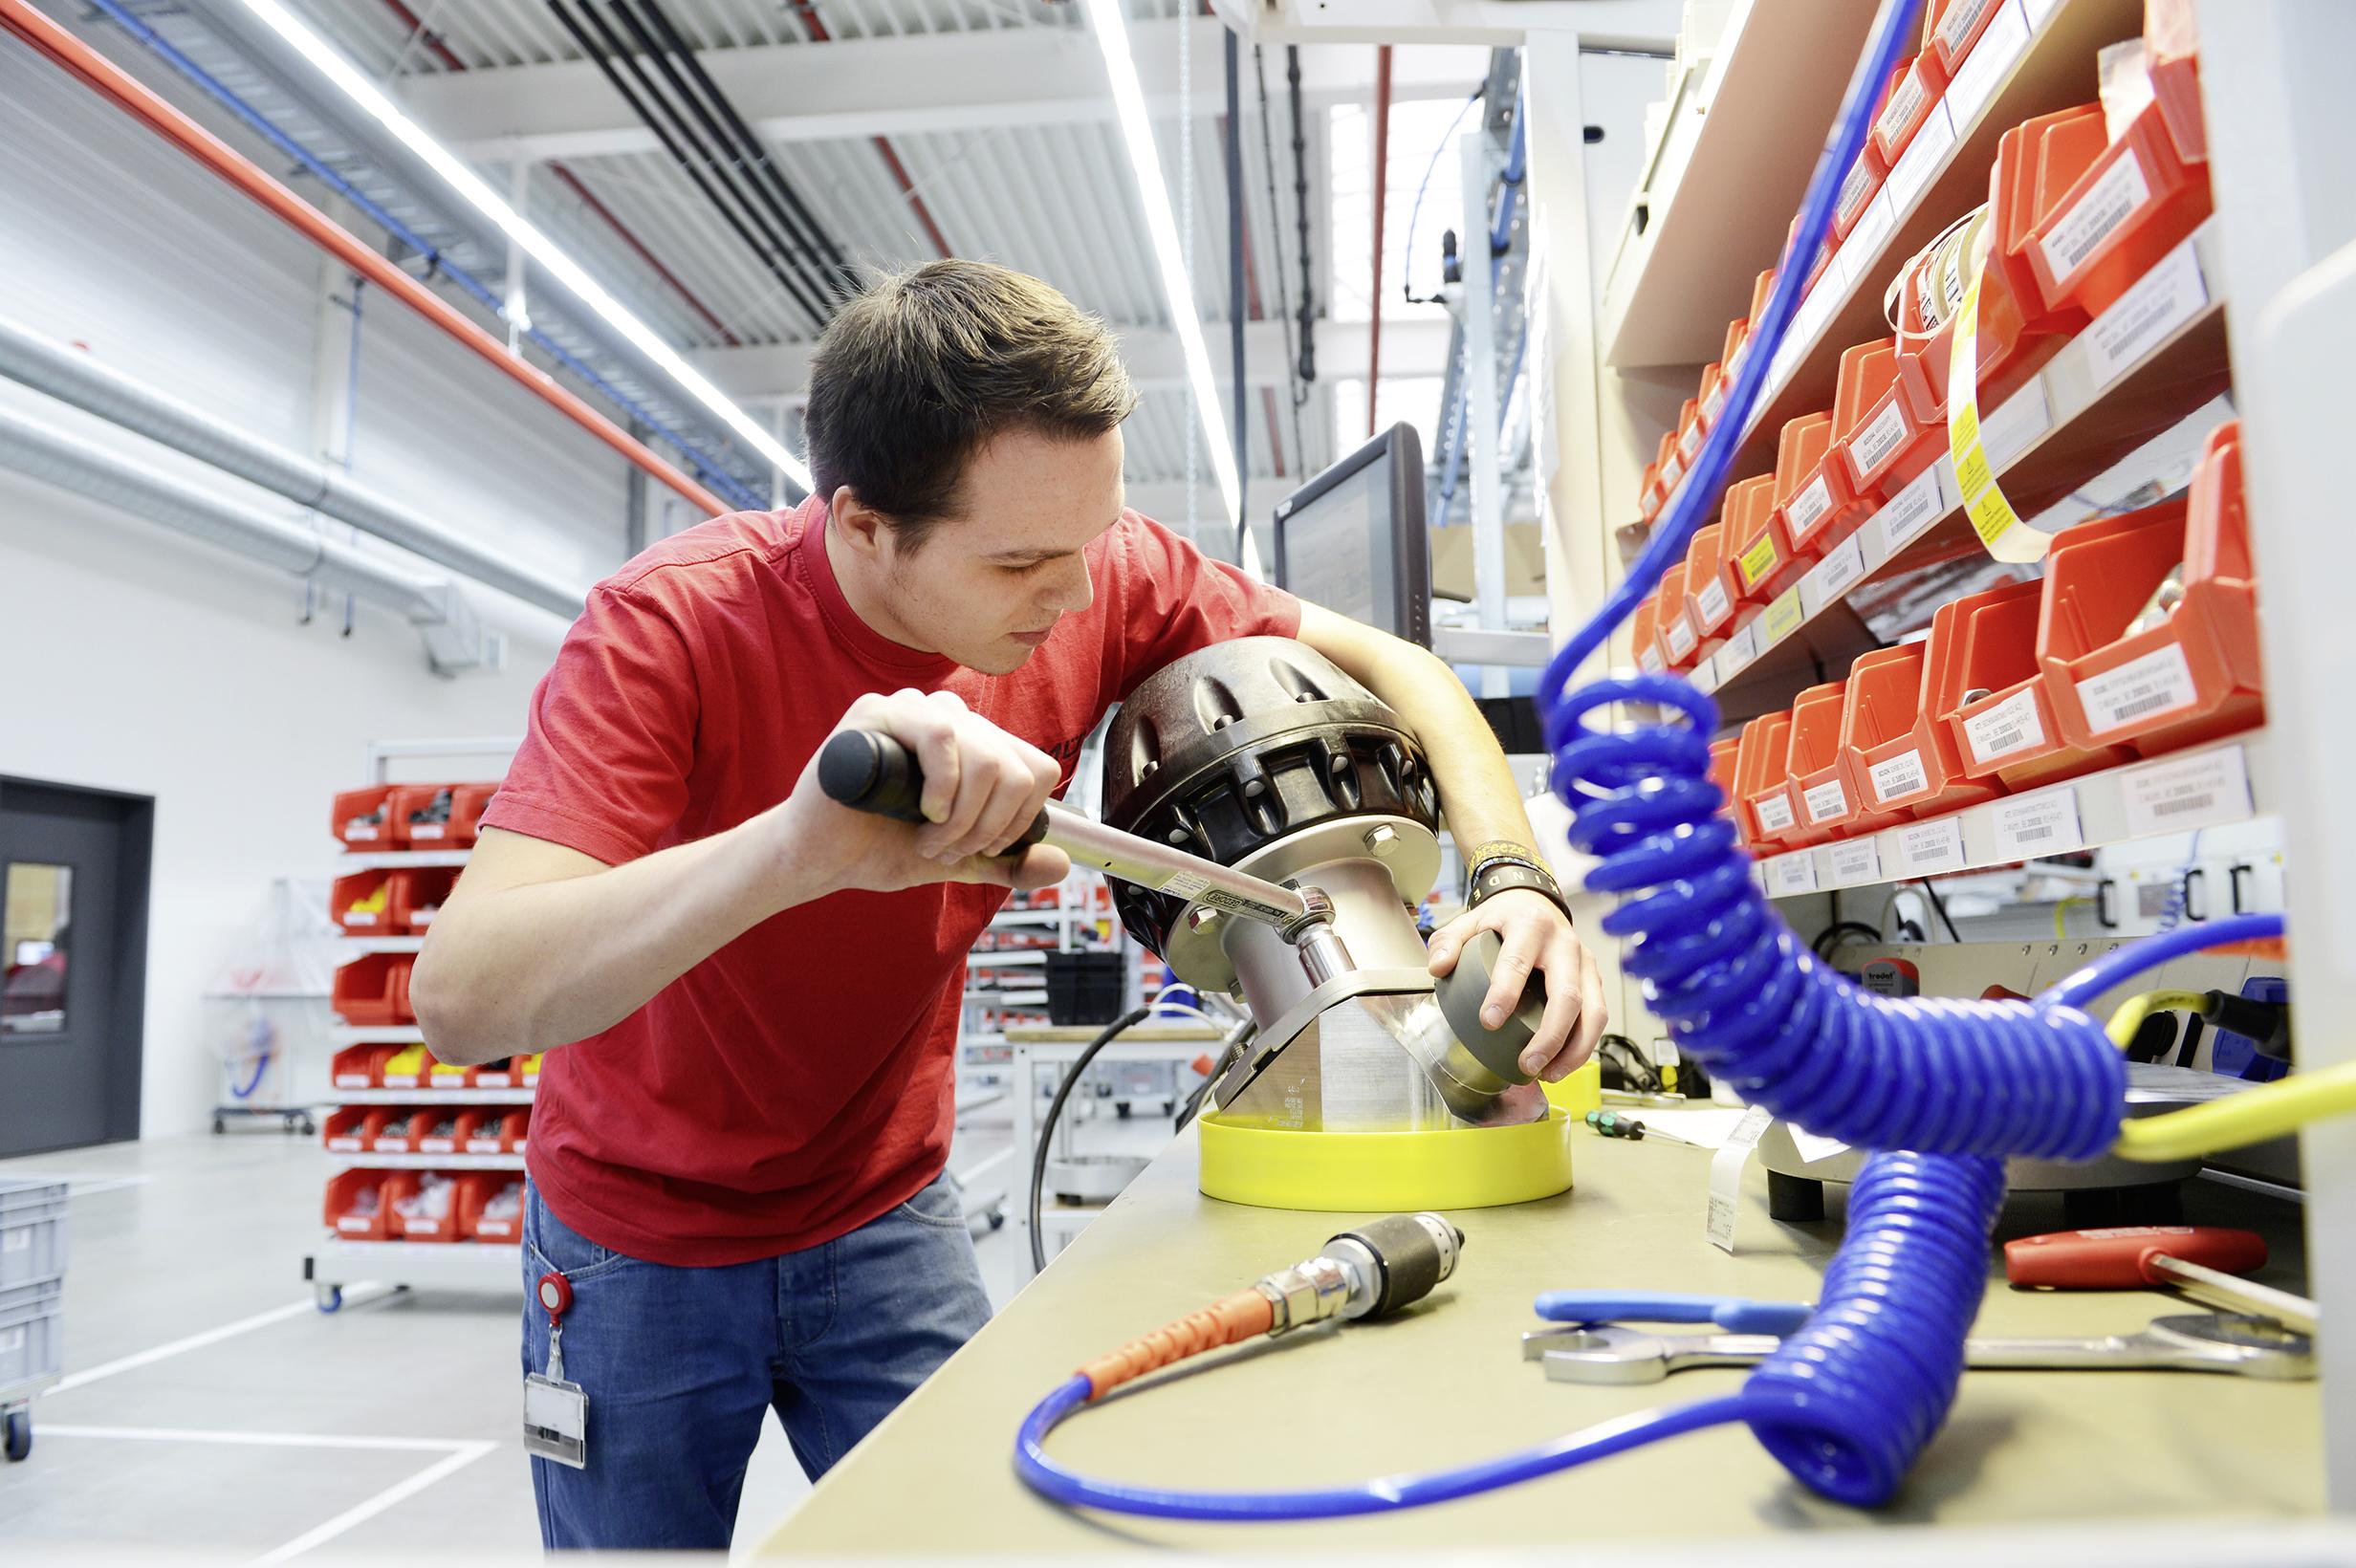 Bei Anmeldung in ConSense GxP Enterprise werden die Beschäftigten von GEMÜ auf der individuellen Startseite über anstehende Aufgaben, Veränderungen und Neuigkeiten benachrichtigt. (Bild: GEMÜ Gebrüder Müller Apparatebau GmbH & Co.)